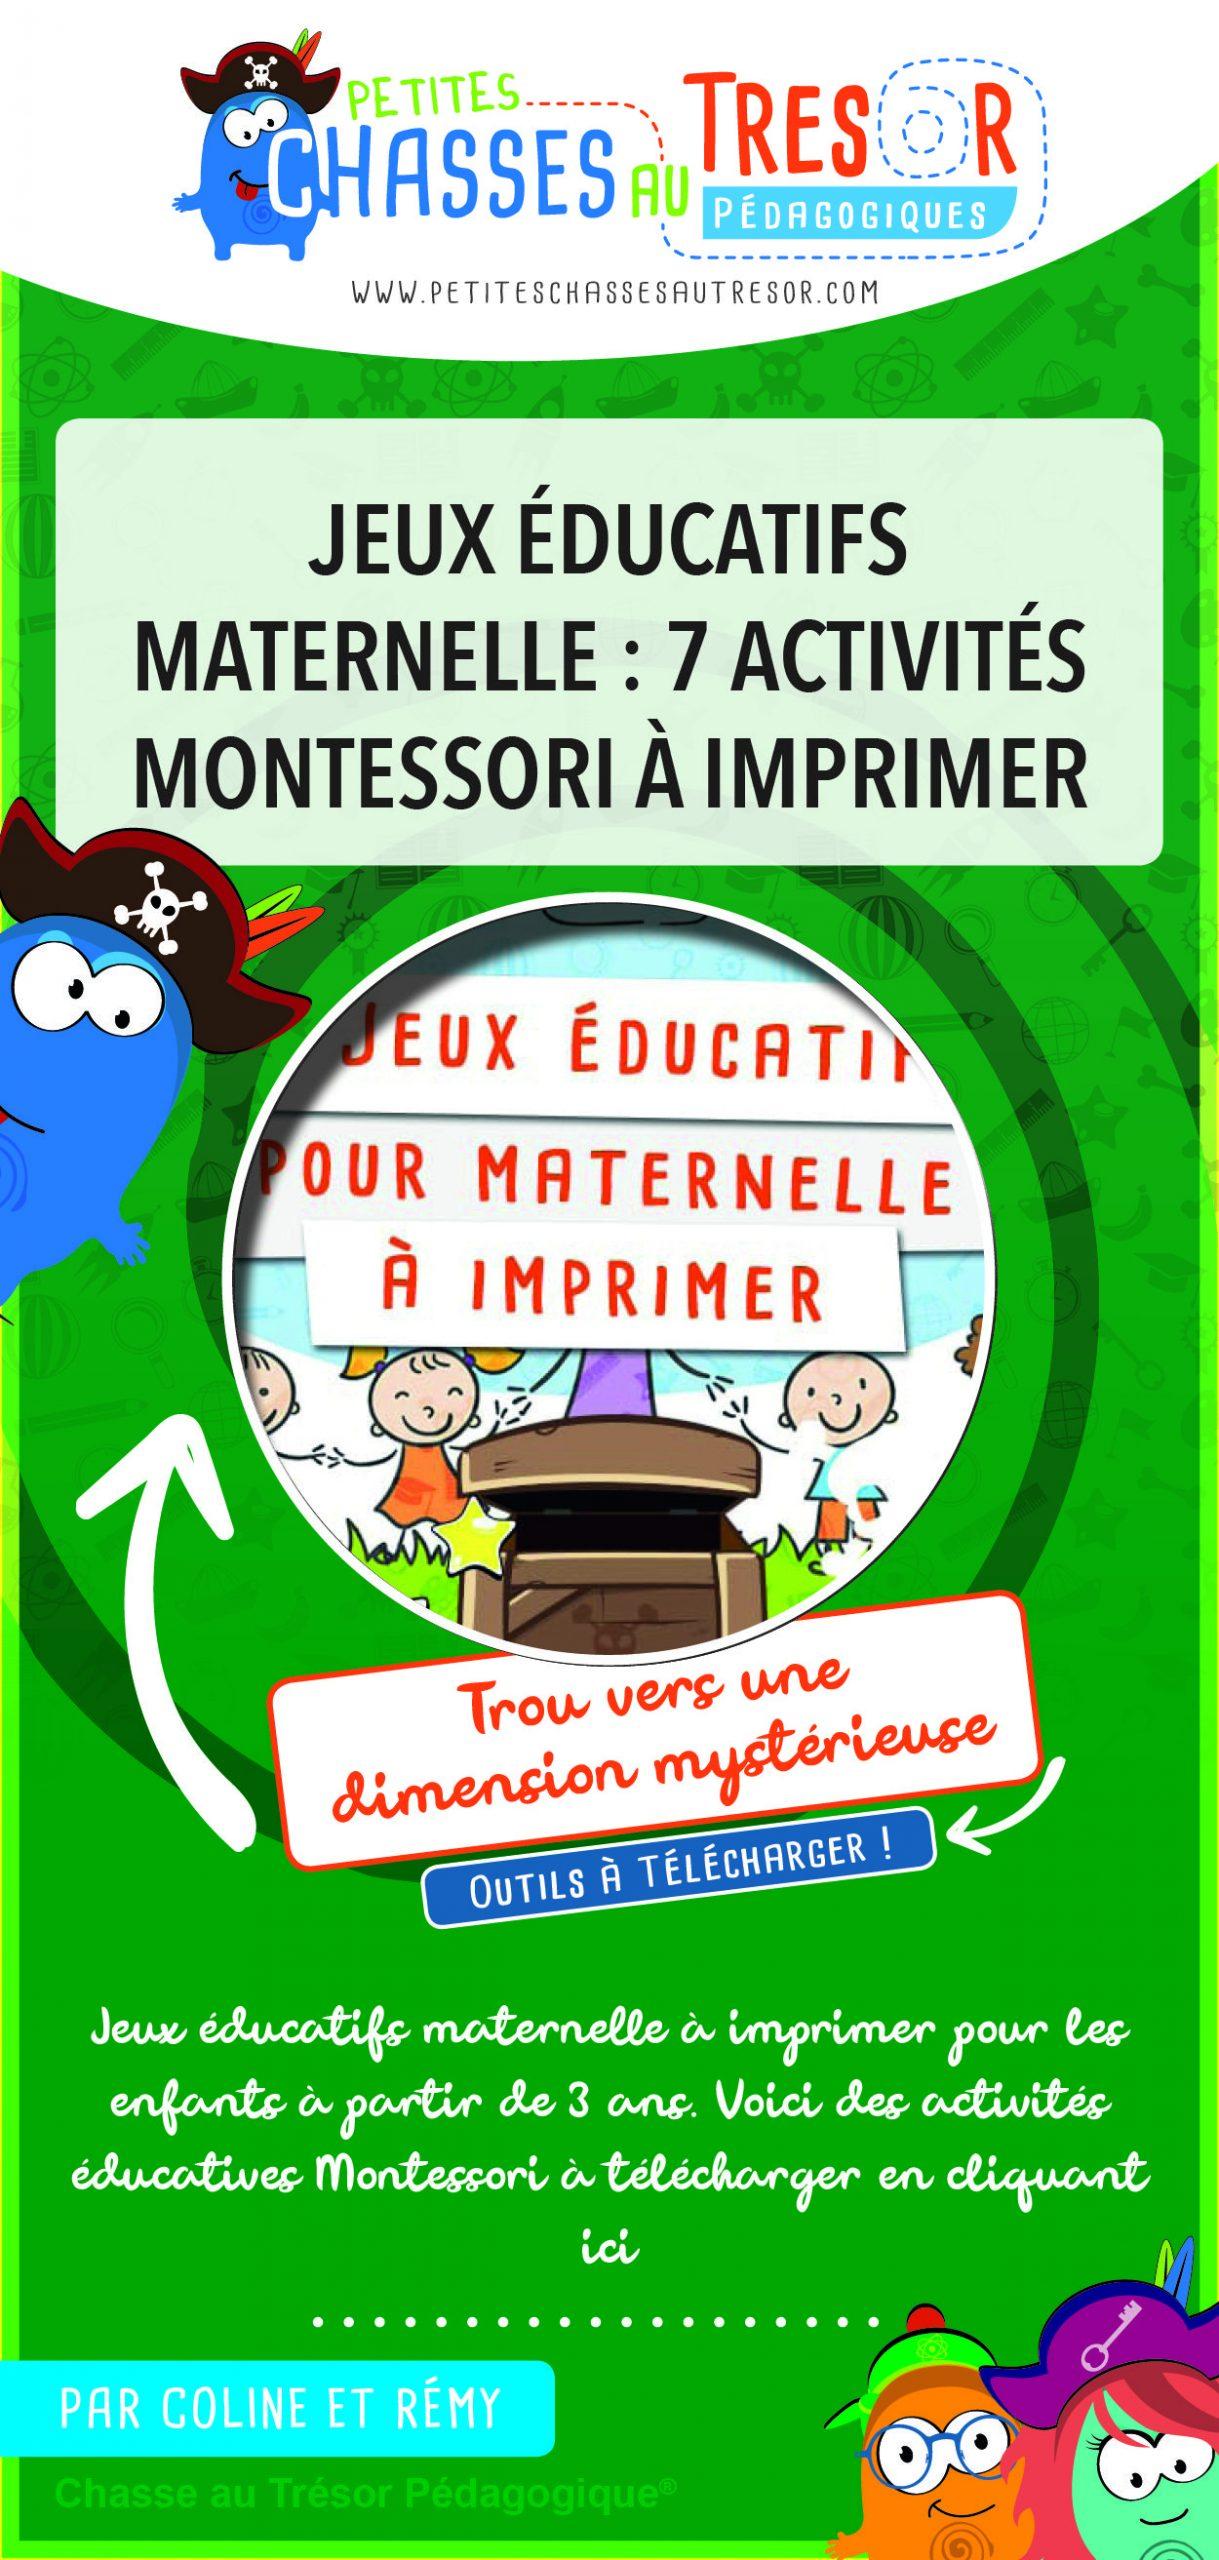 Jeux Éducatifs Maternelle : 7 Activités Montessori À concernant Jeux Enfant Educatif